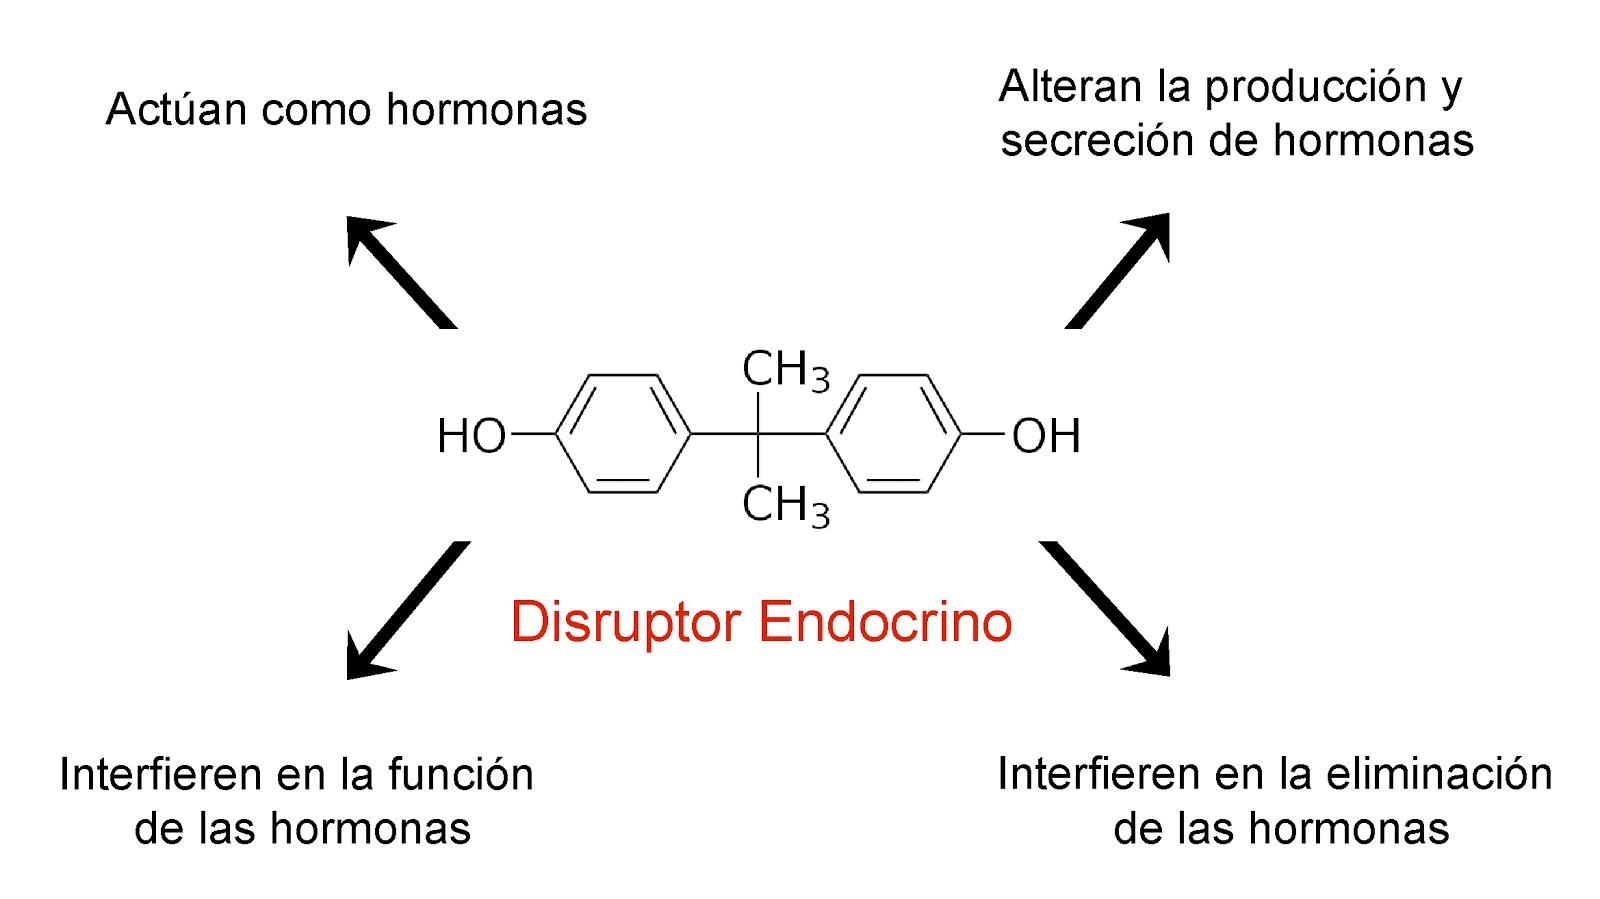 Mecanismos de acción de los disruptores endocrinos